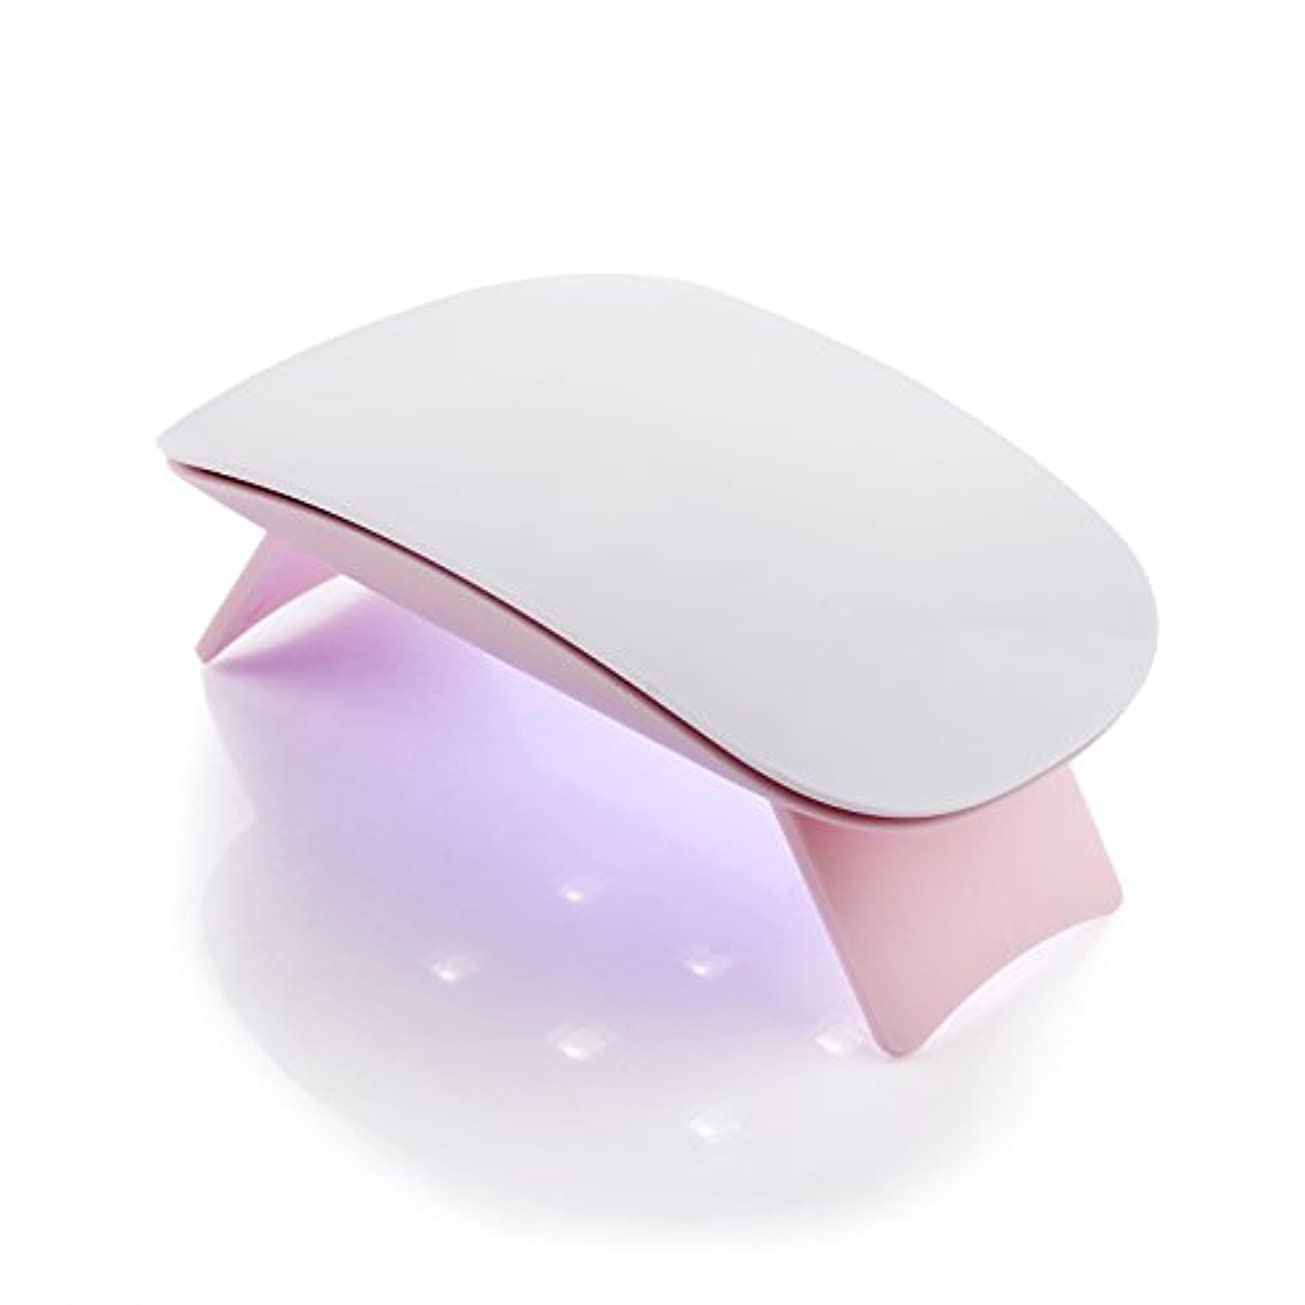 褒賞コジオスコ対処Makartt 6W UV ジェルネイルLEDライト  超ミニ USB式ネイルドライヤー ネイル硬化用ライト 赤外線検知